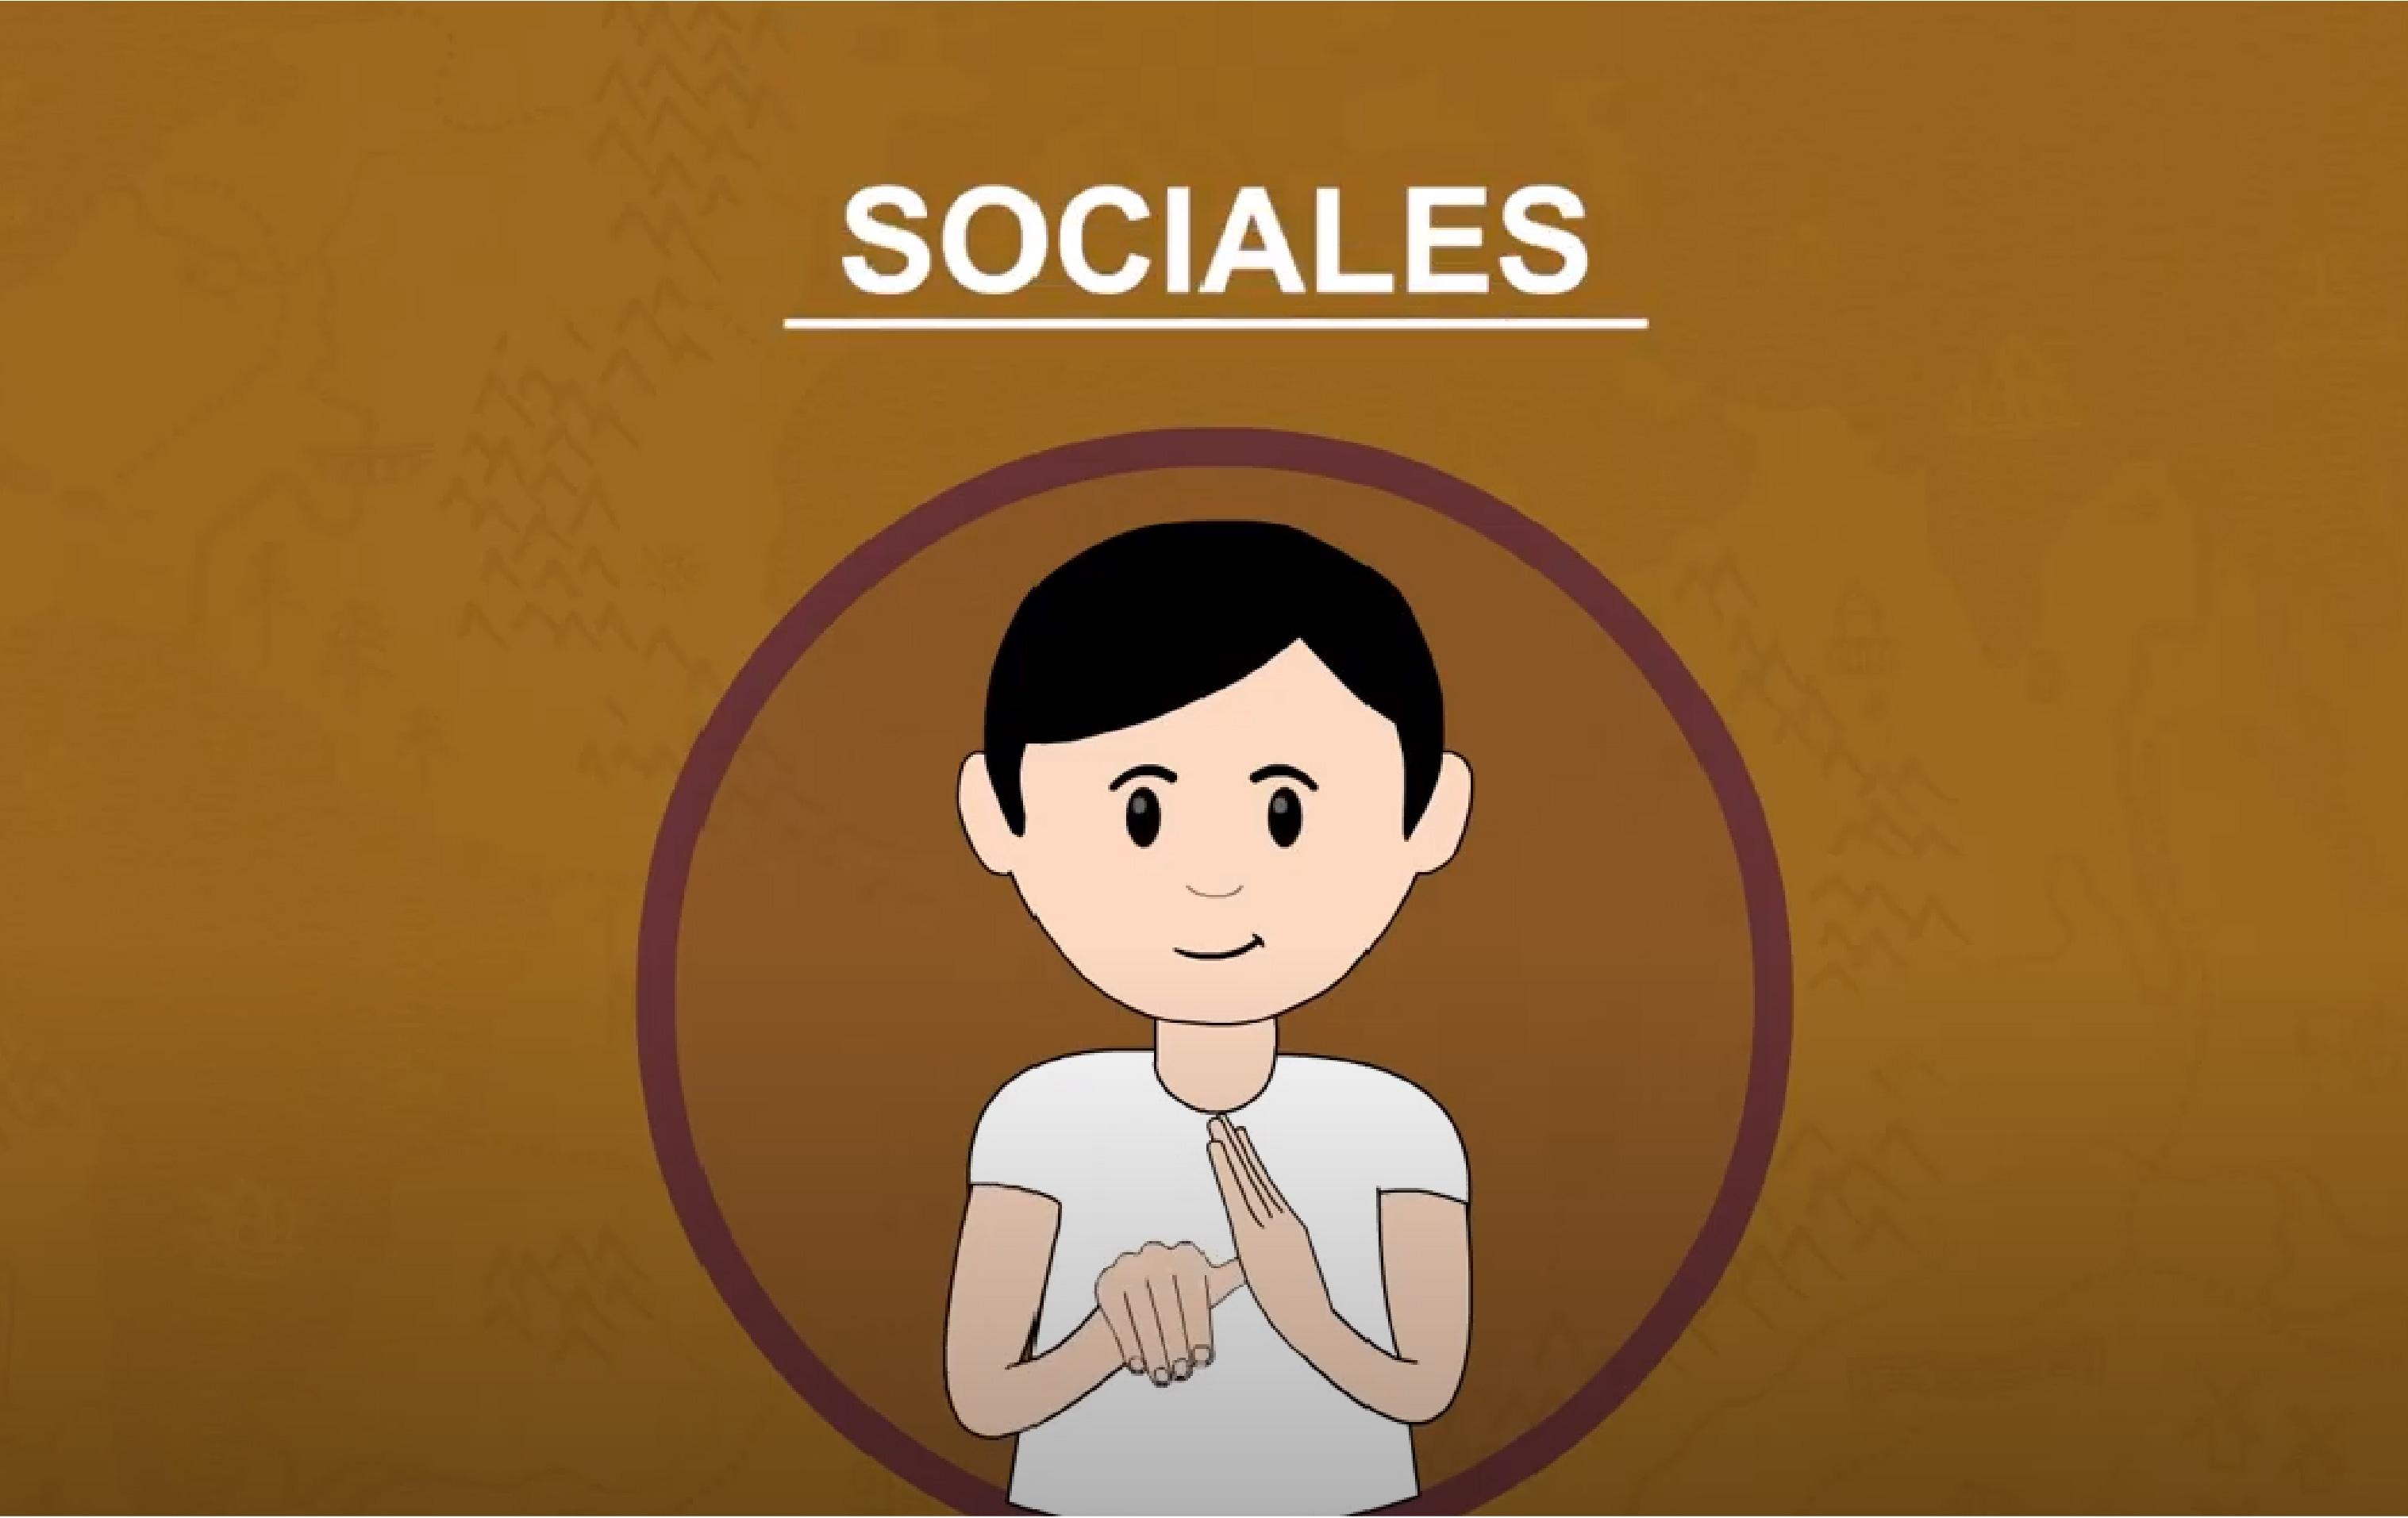 ContenidoSociales.jpg